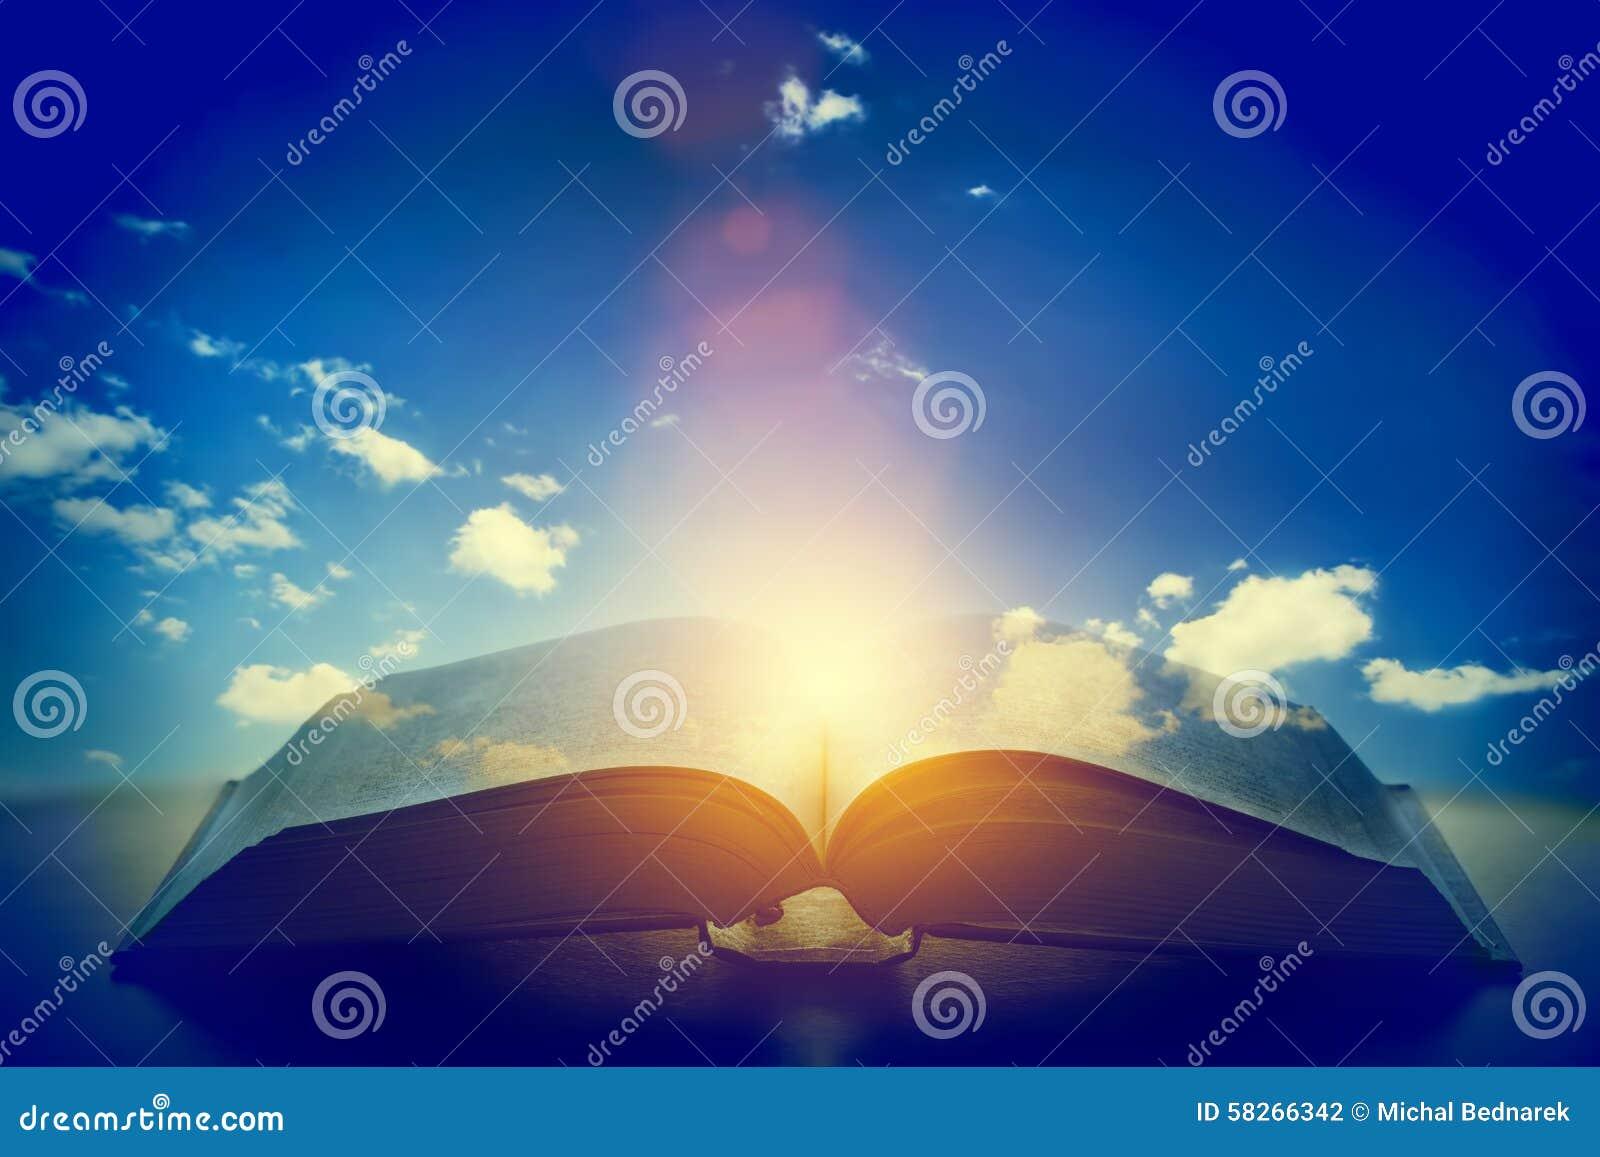 Öffnen Sie altes Buch, Licht vom Himmel, Himmel Bildung, Religionskonzept